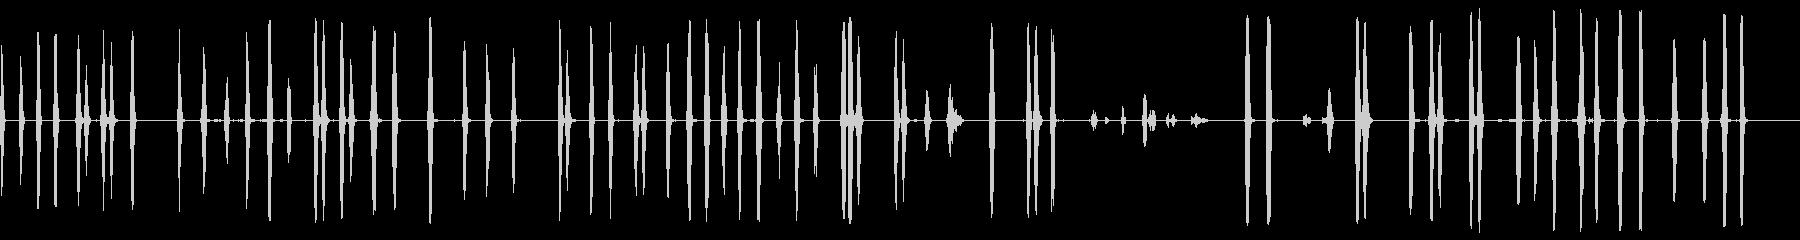 ドッグバーキング3、動物; DIG...の未再生の波形